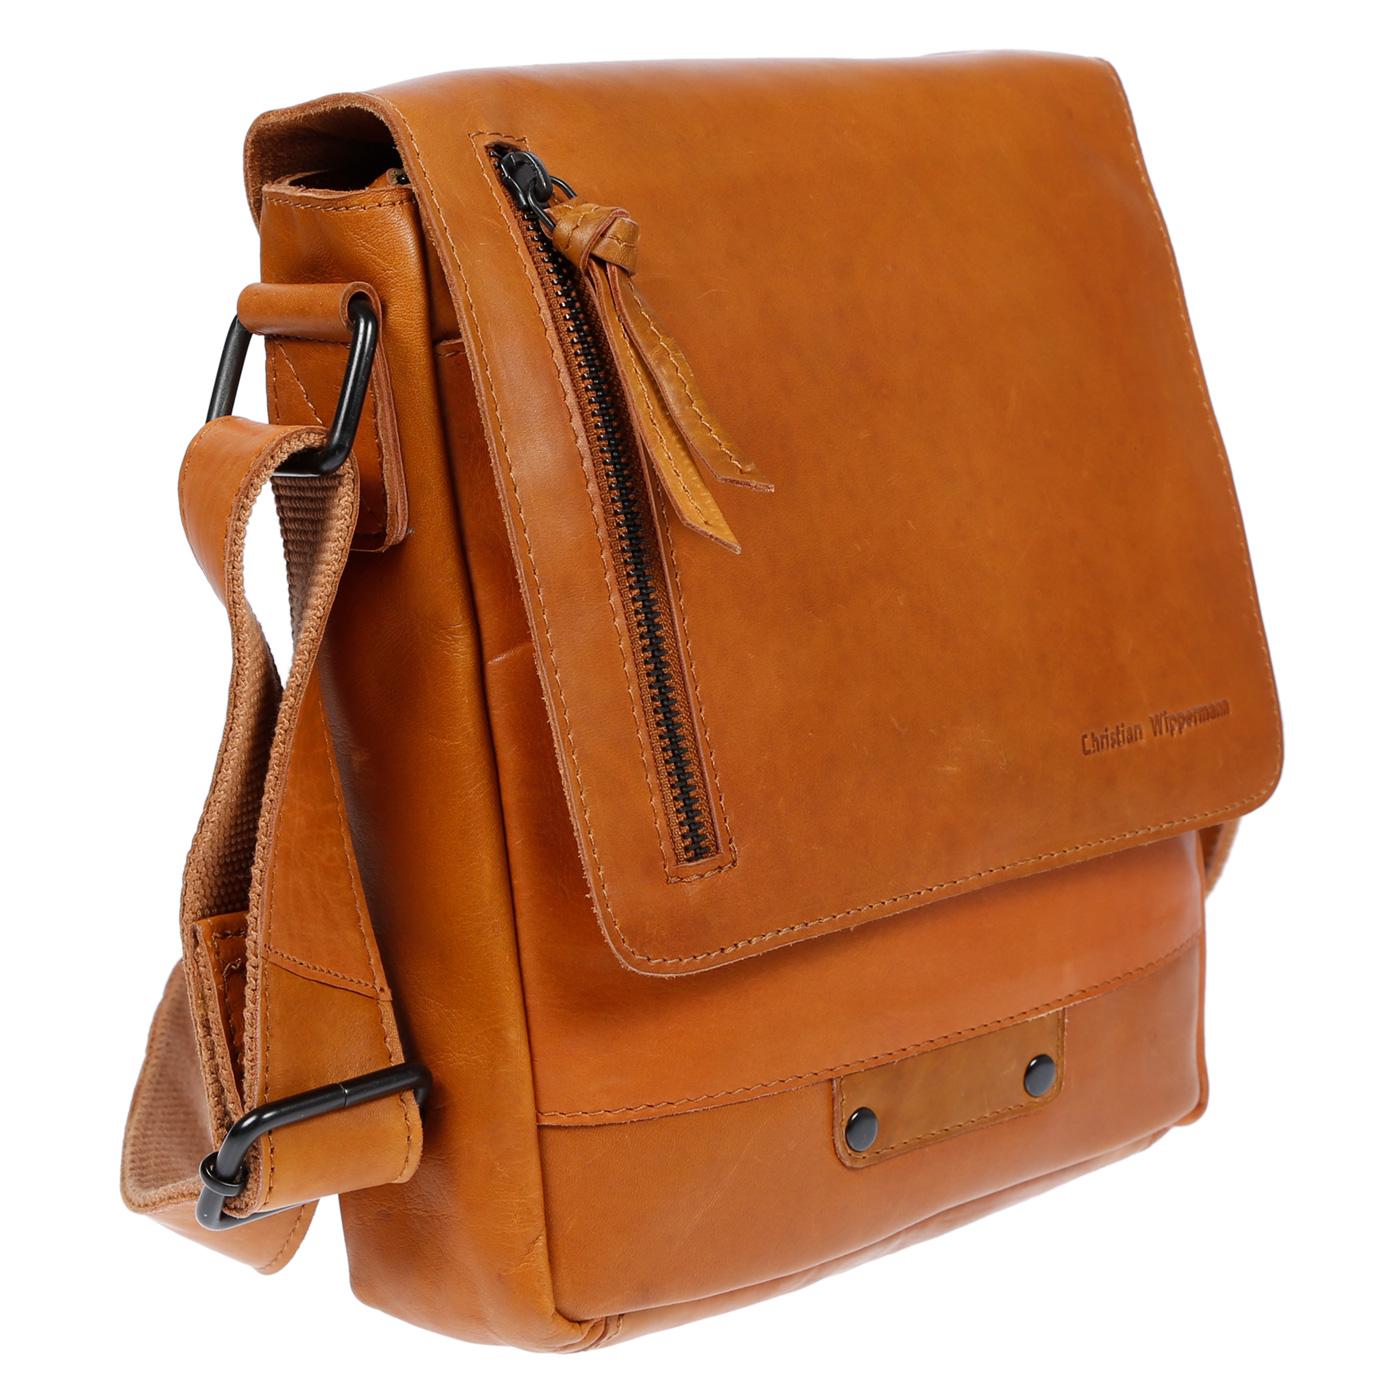 Echt-Leder-Herren-Damen-Umhaengetasche-Tasche-RFID-Schutz-Schultertasche-Umhaenger Indexbild 27